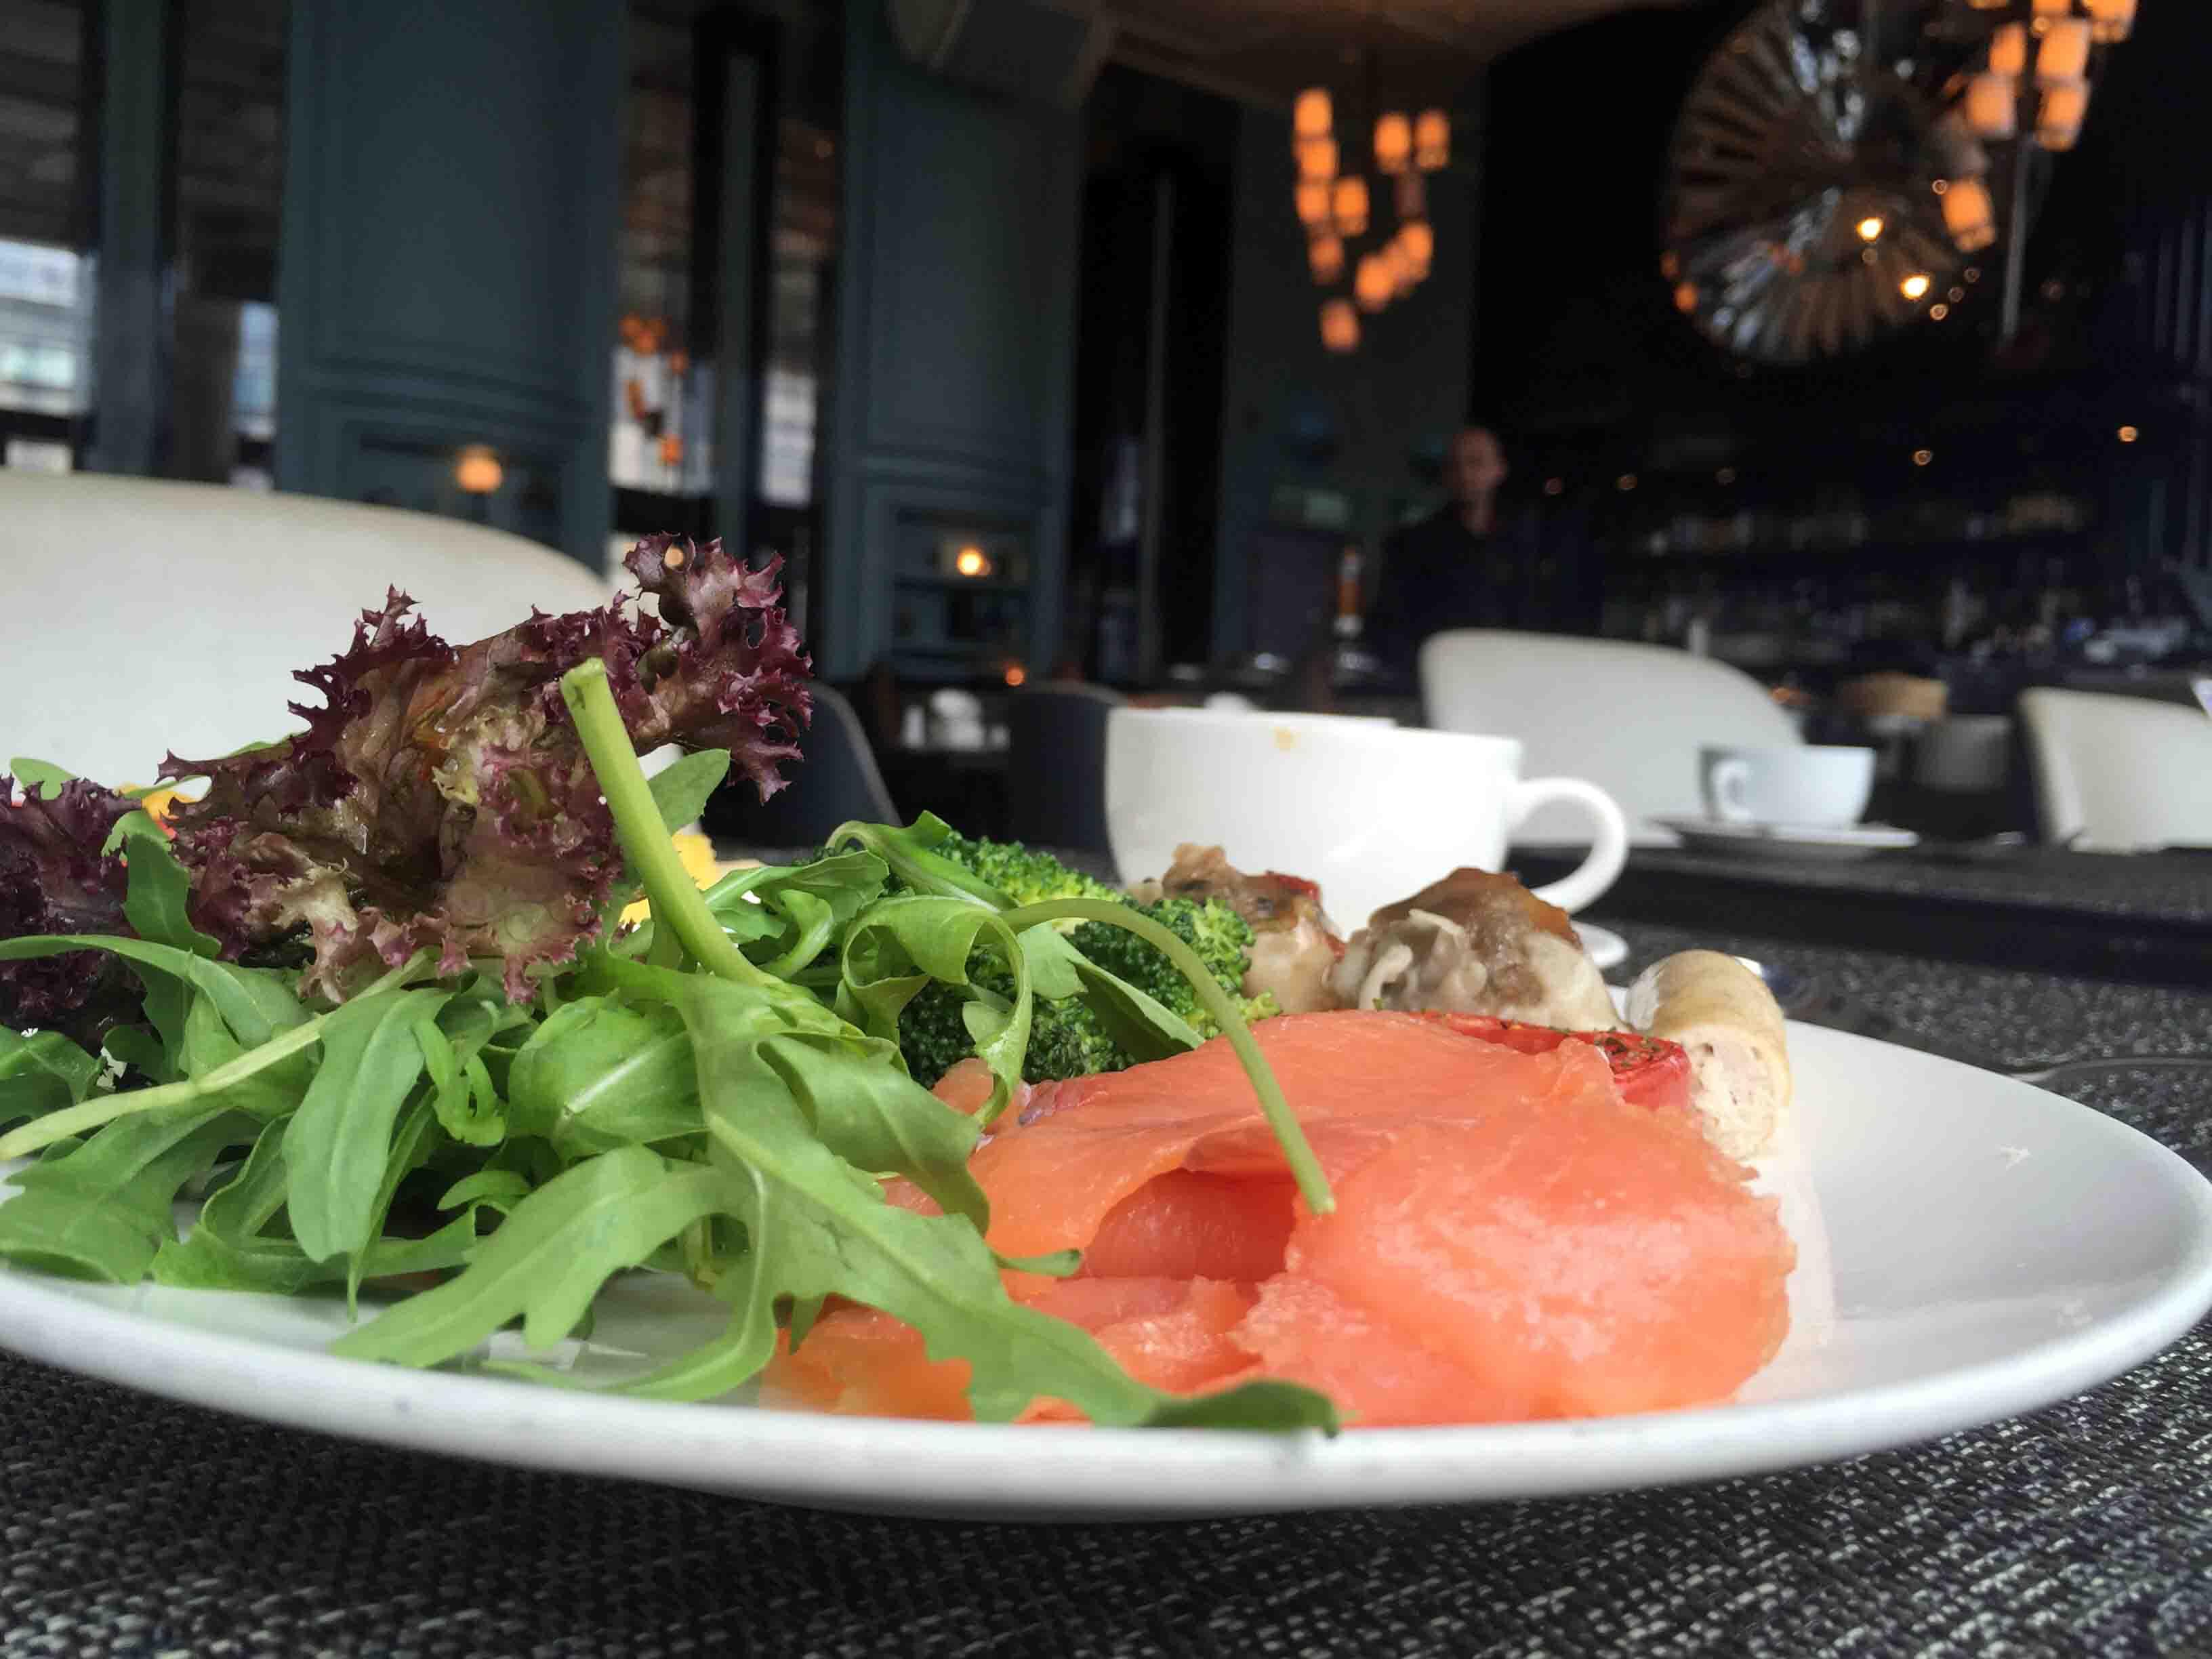 lkf-hotel-breakfast-hong-kong